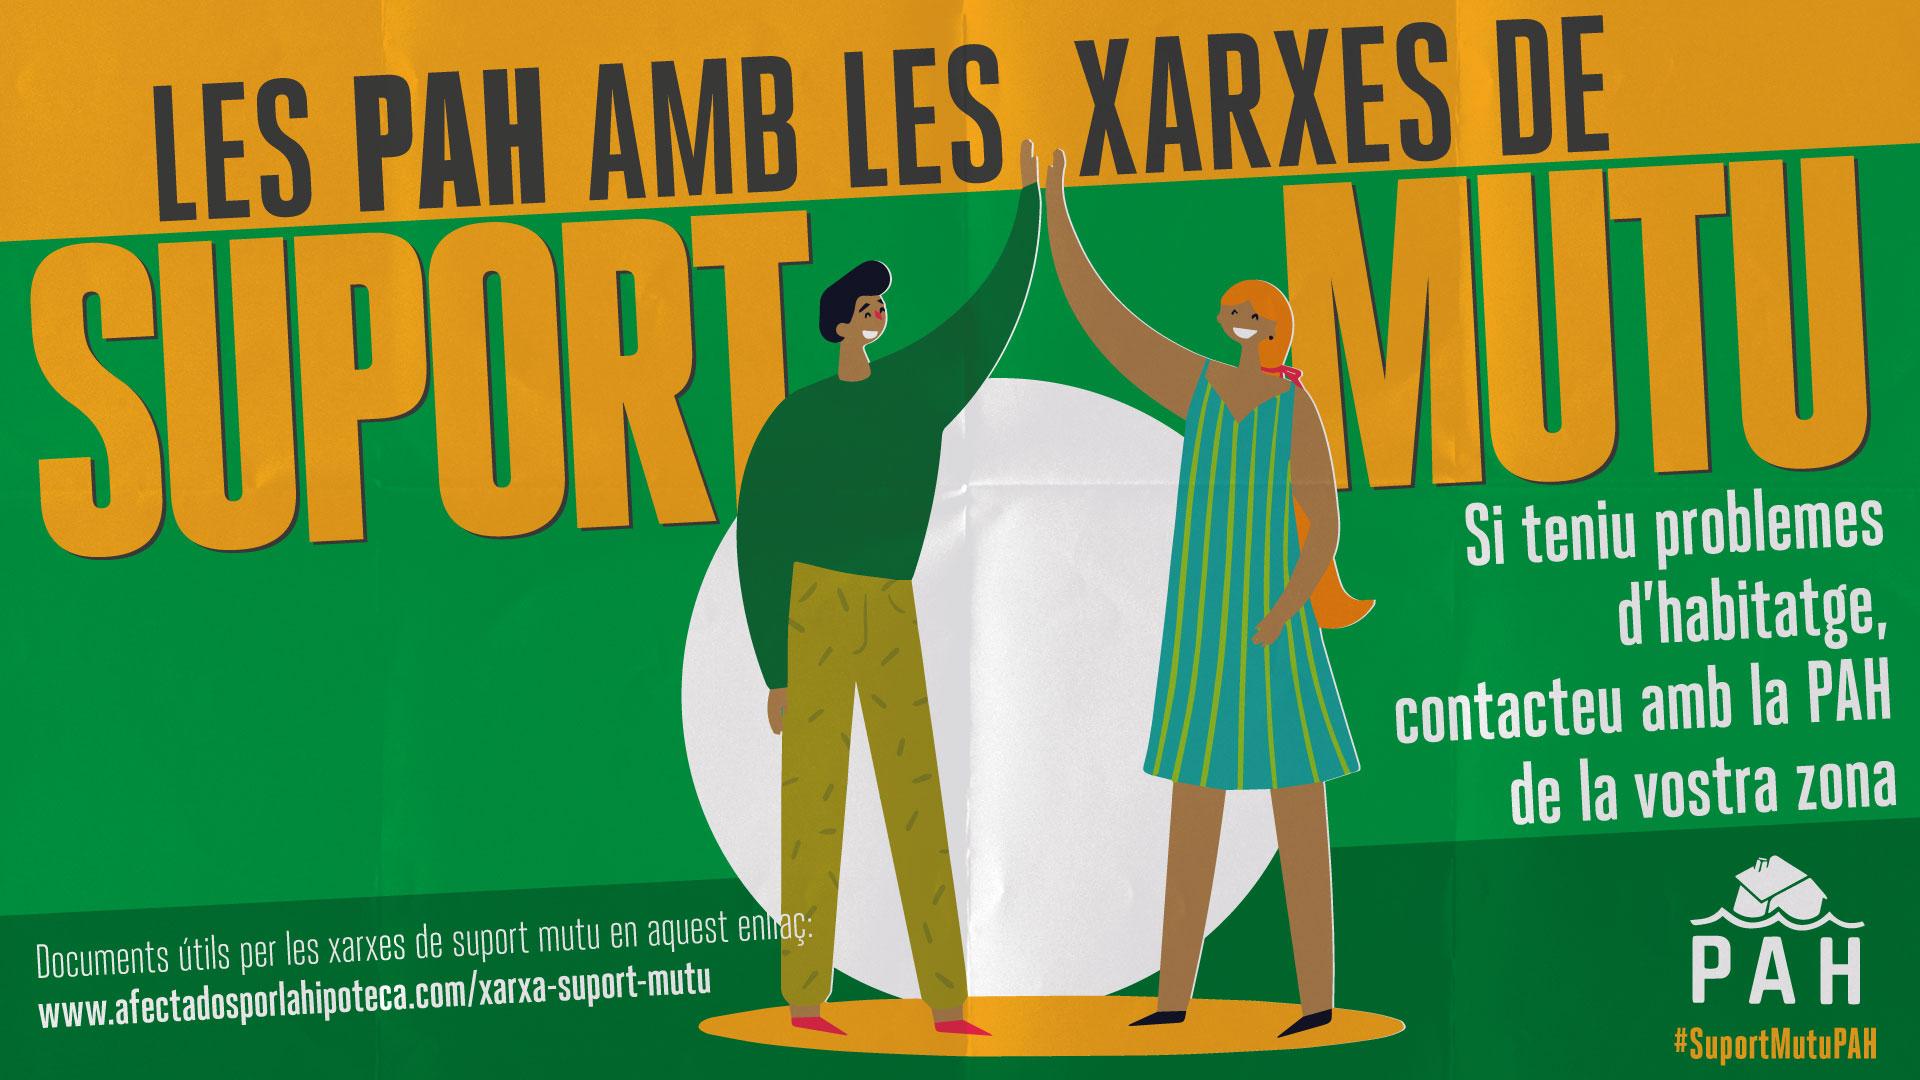 Les PAHs catalanes amb les Xarxes de Suport Mutu